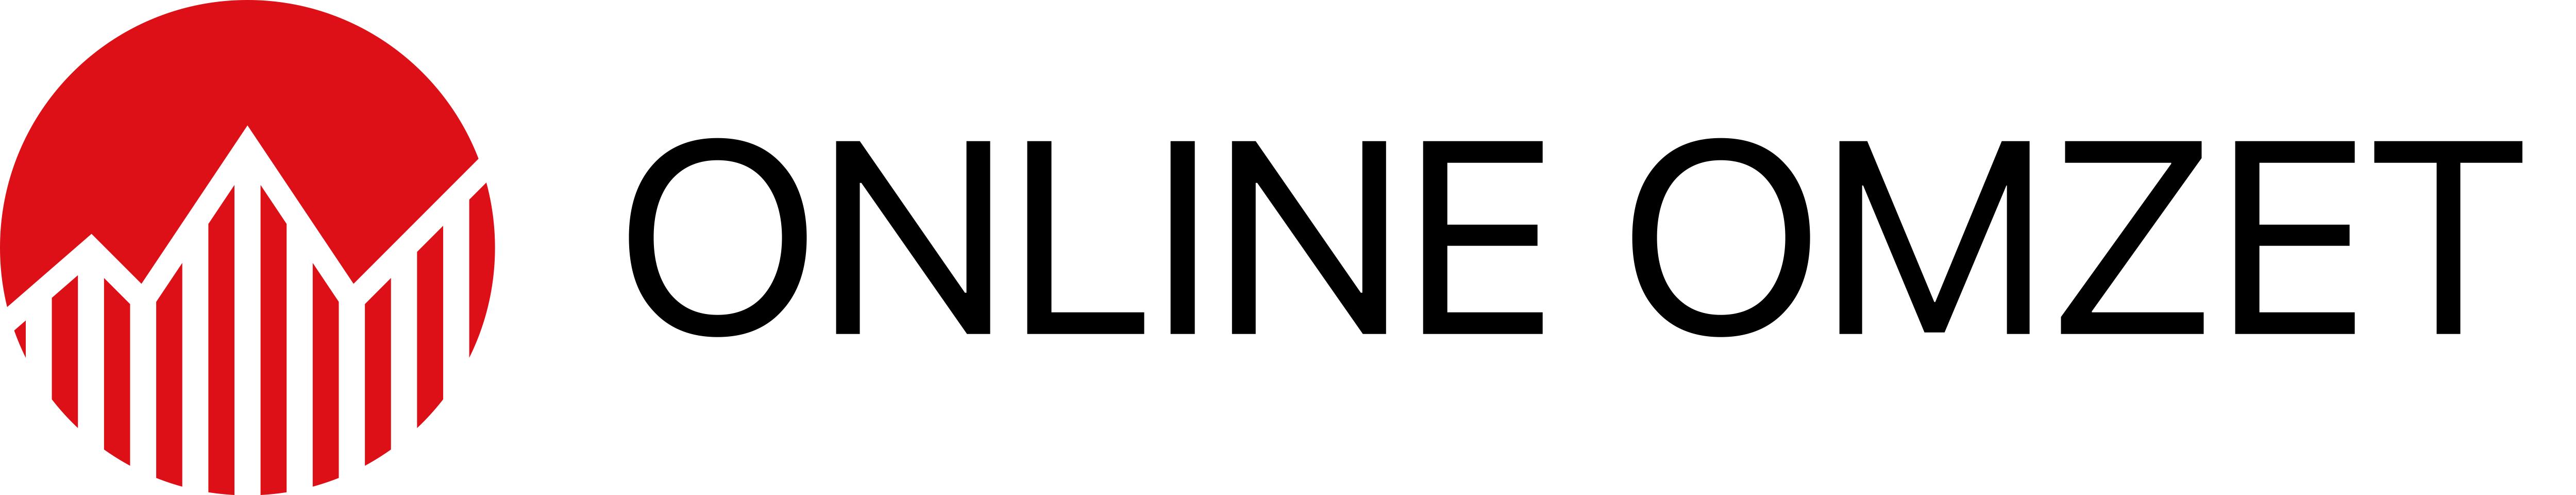 Online Omzet